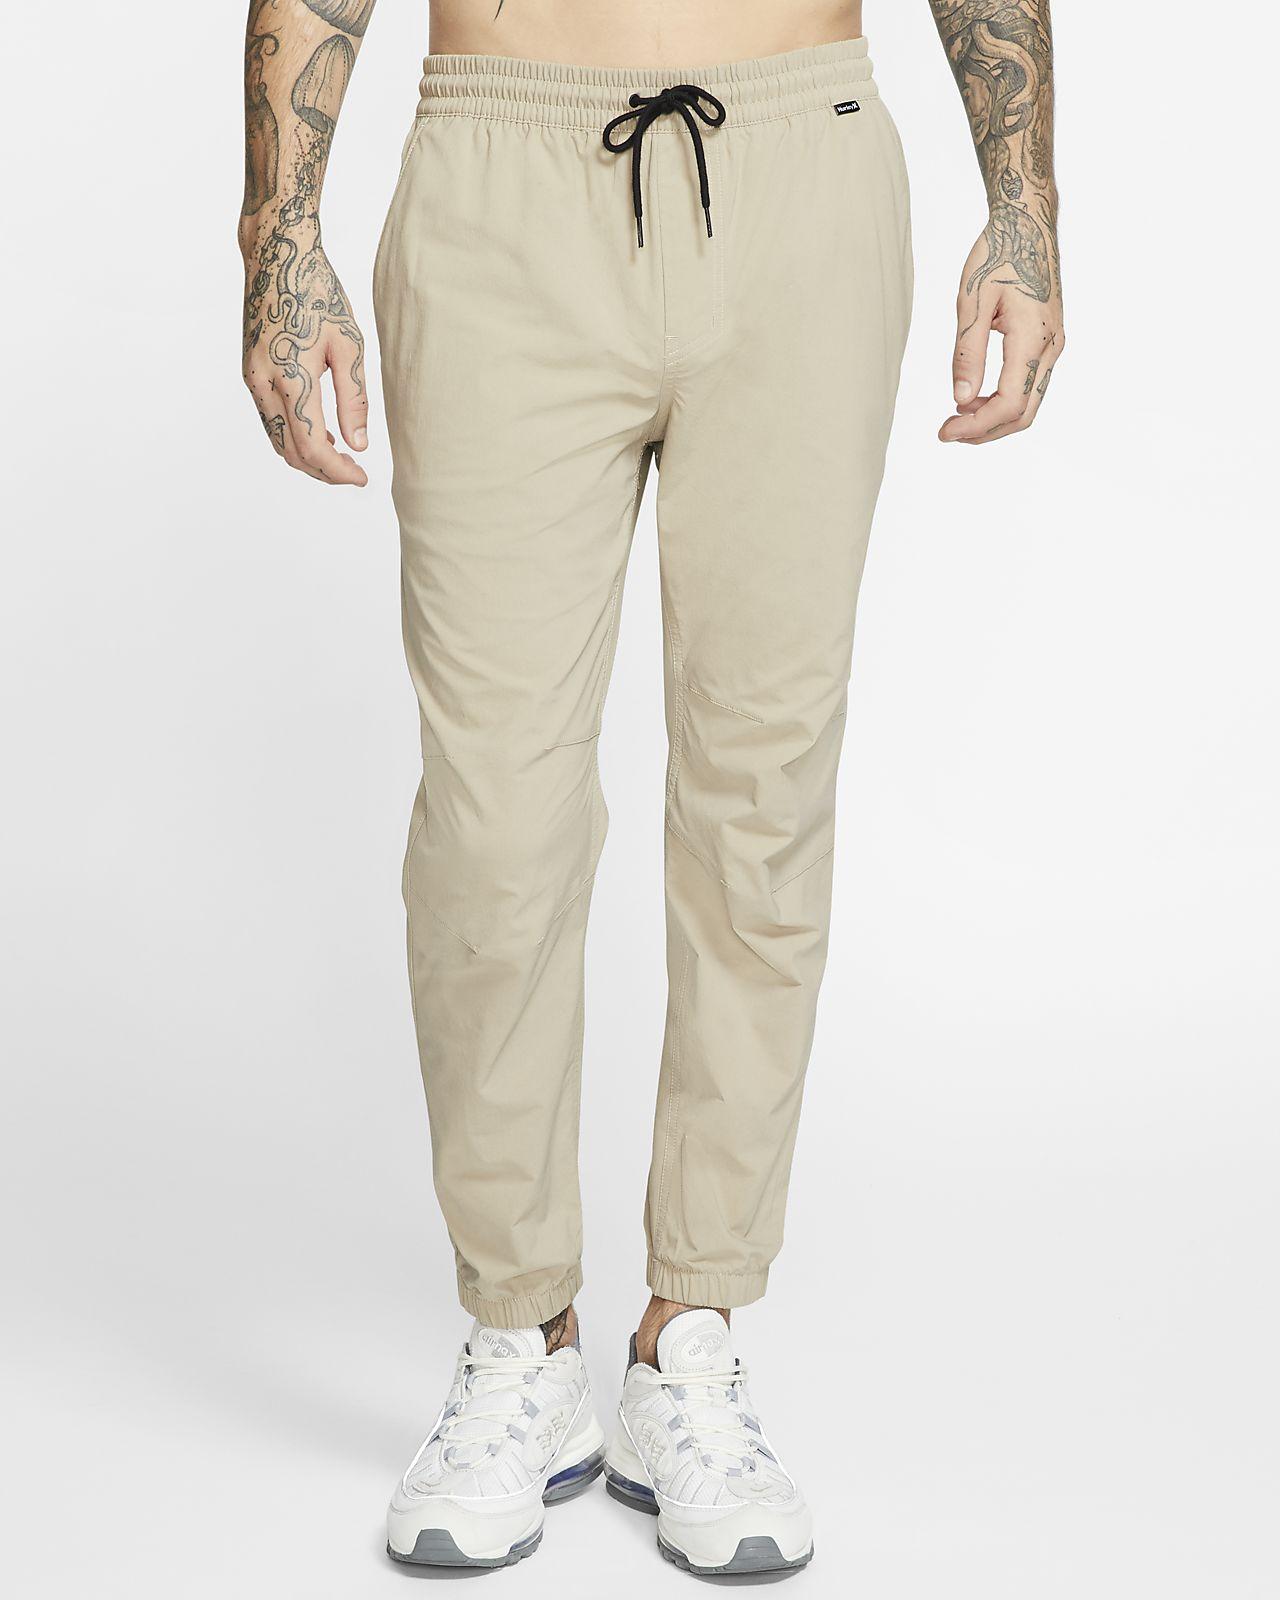 Pantalones de entrenamiento Hurley Dri-FIT